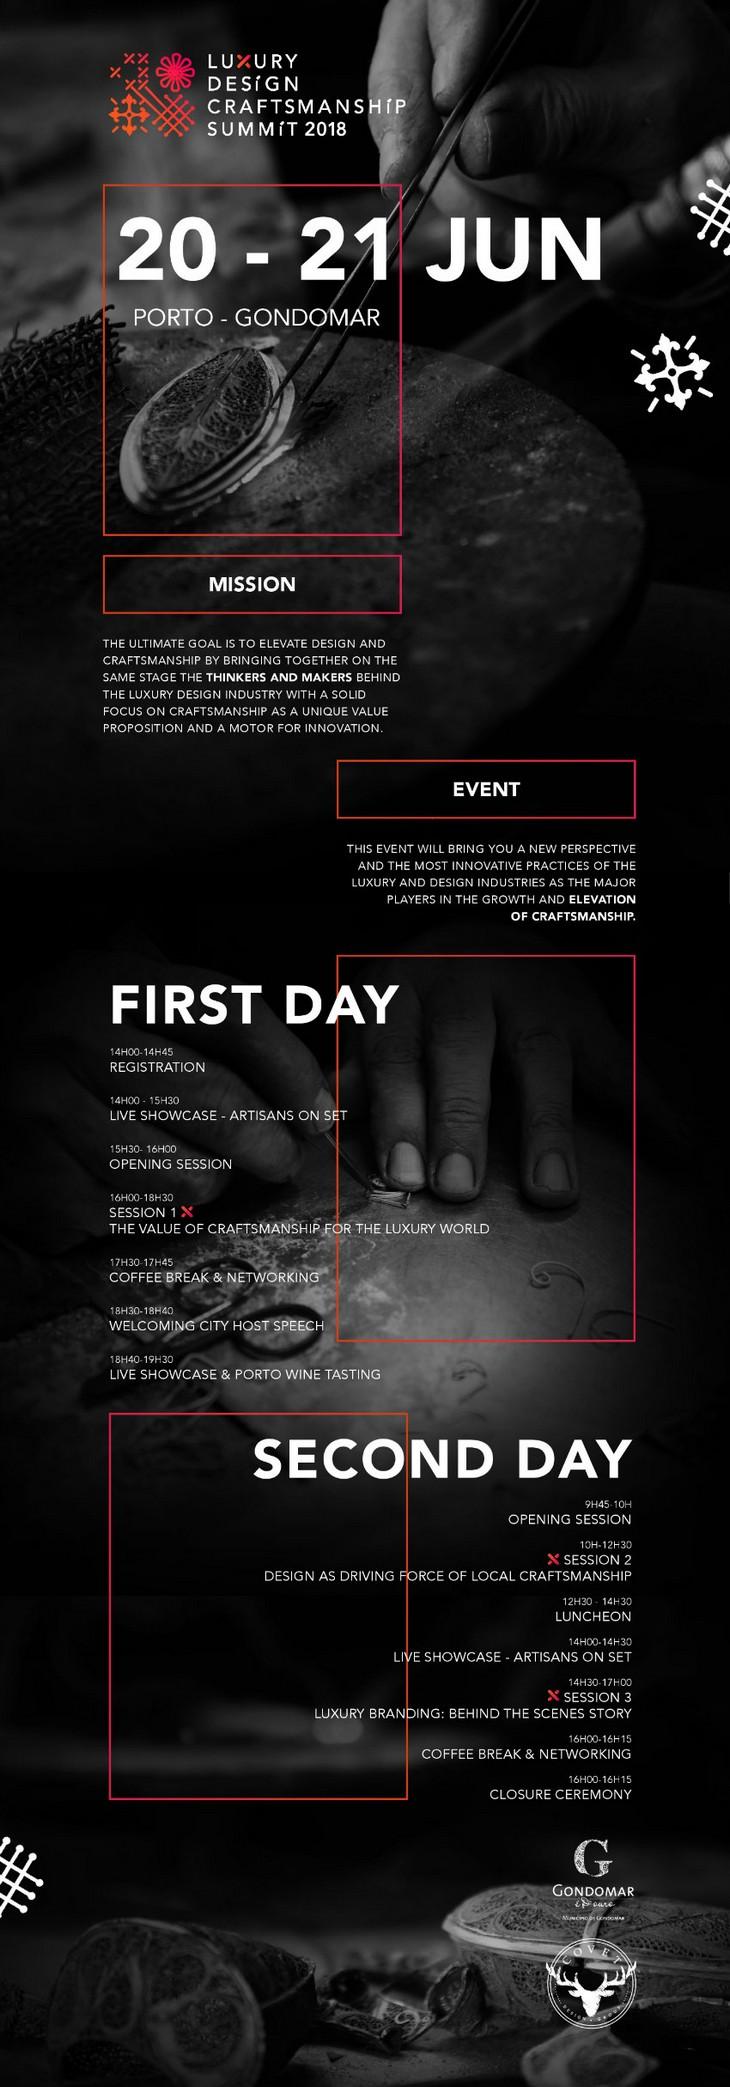 Diseño de Lujo y Artesanía: Un evento que nó puedes perder en 2018 diseño de lujo y artesanía Diseño de Lujo y Artesanía: Un evento que nó puedes perder en 2018 001 summit infographic 001